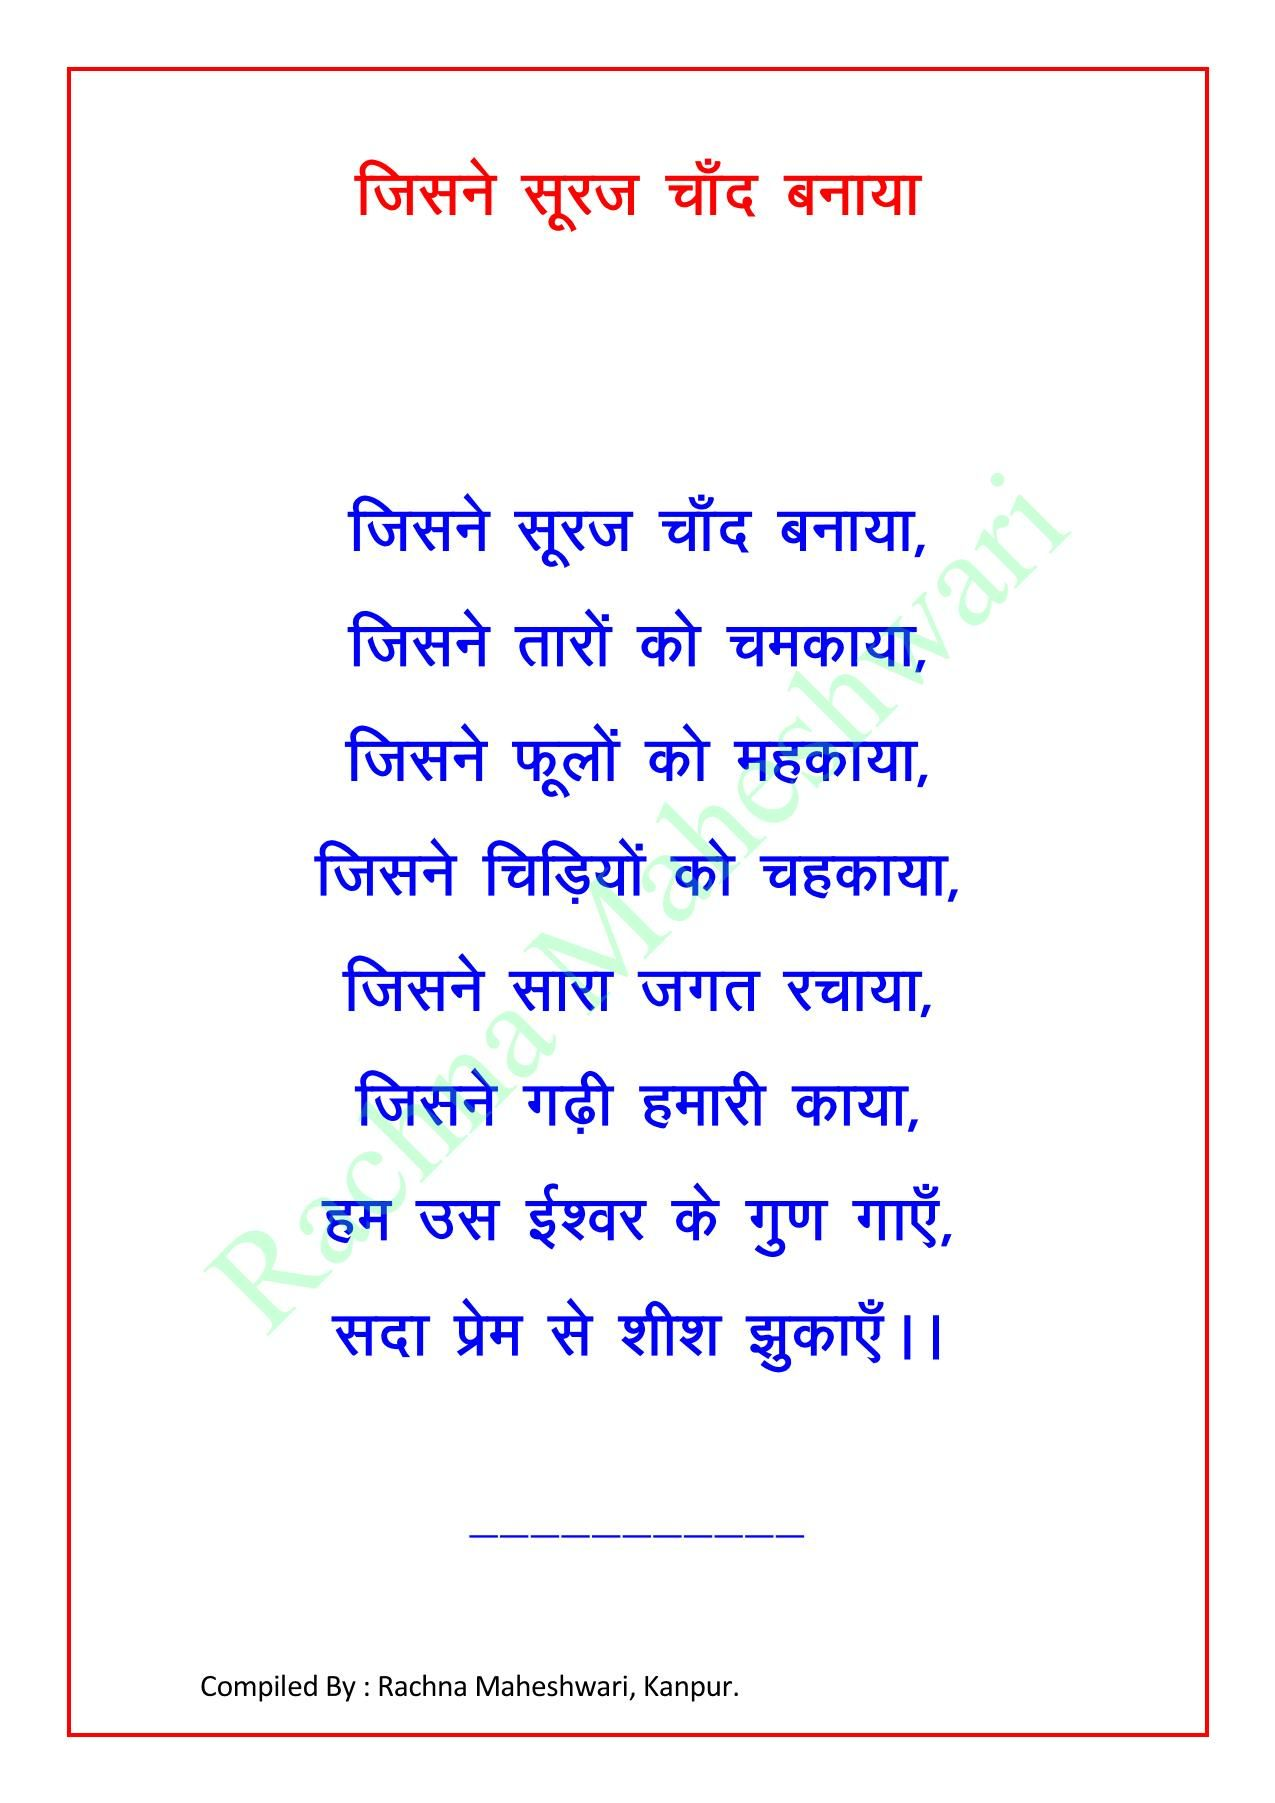 Bachpan ki kavita Hindi Poems For Kids, Kids Poems, Jokes Images, Kids Work